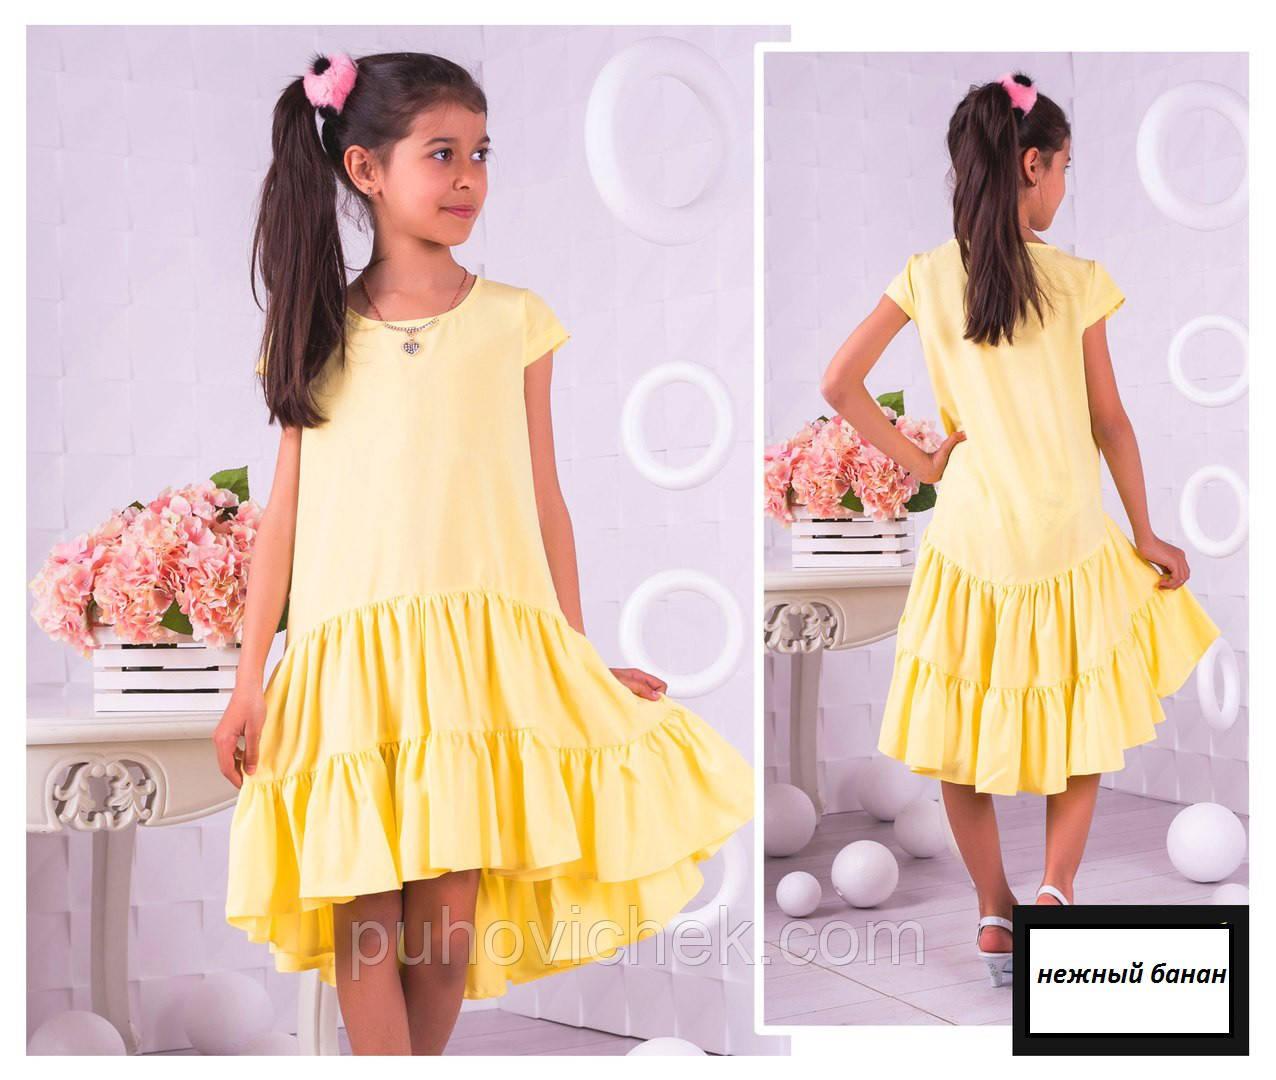 6b6303476ba Летние детские платья интернет магазин производитель - Интернет магазин  Линия одежды в Харькове